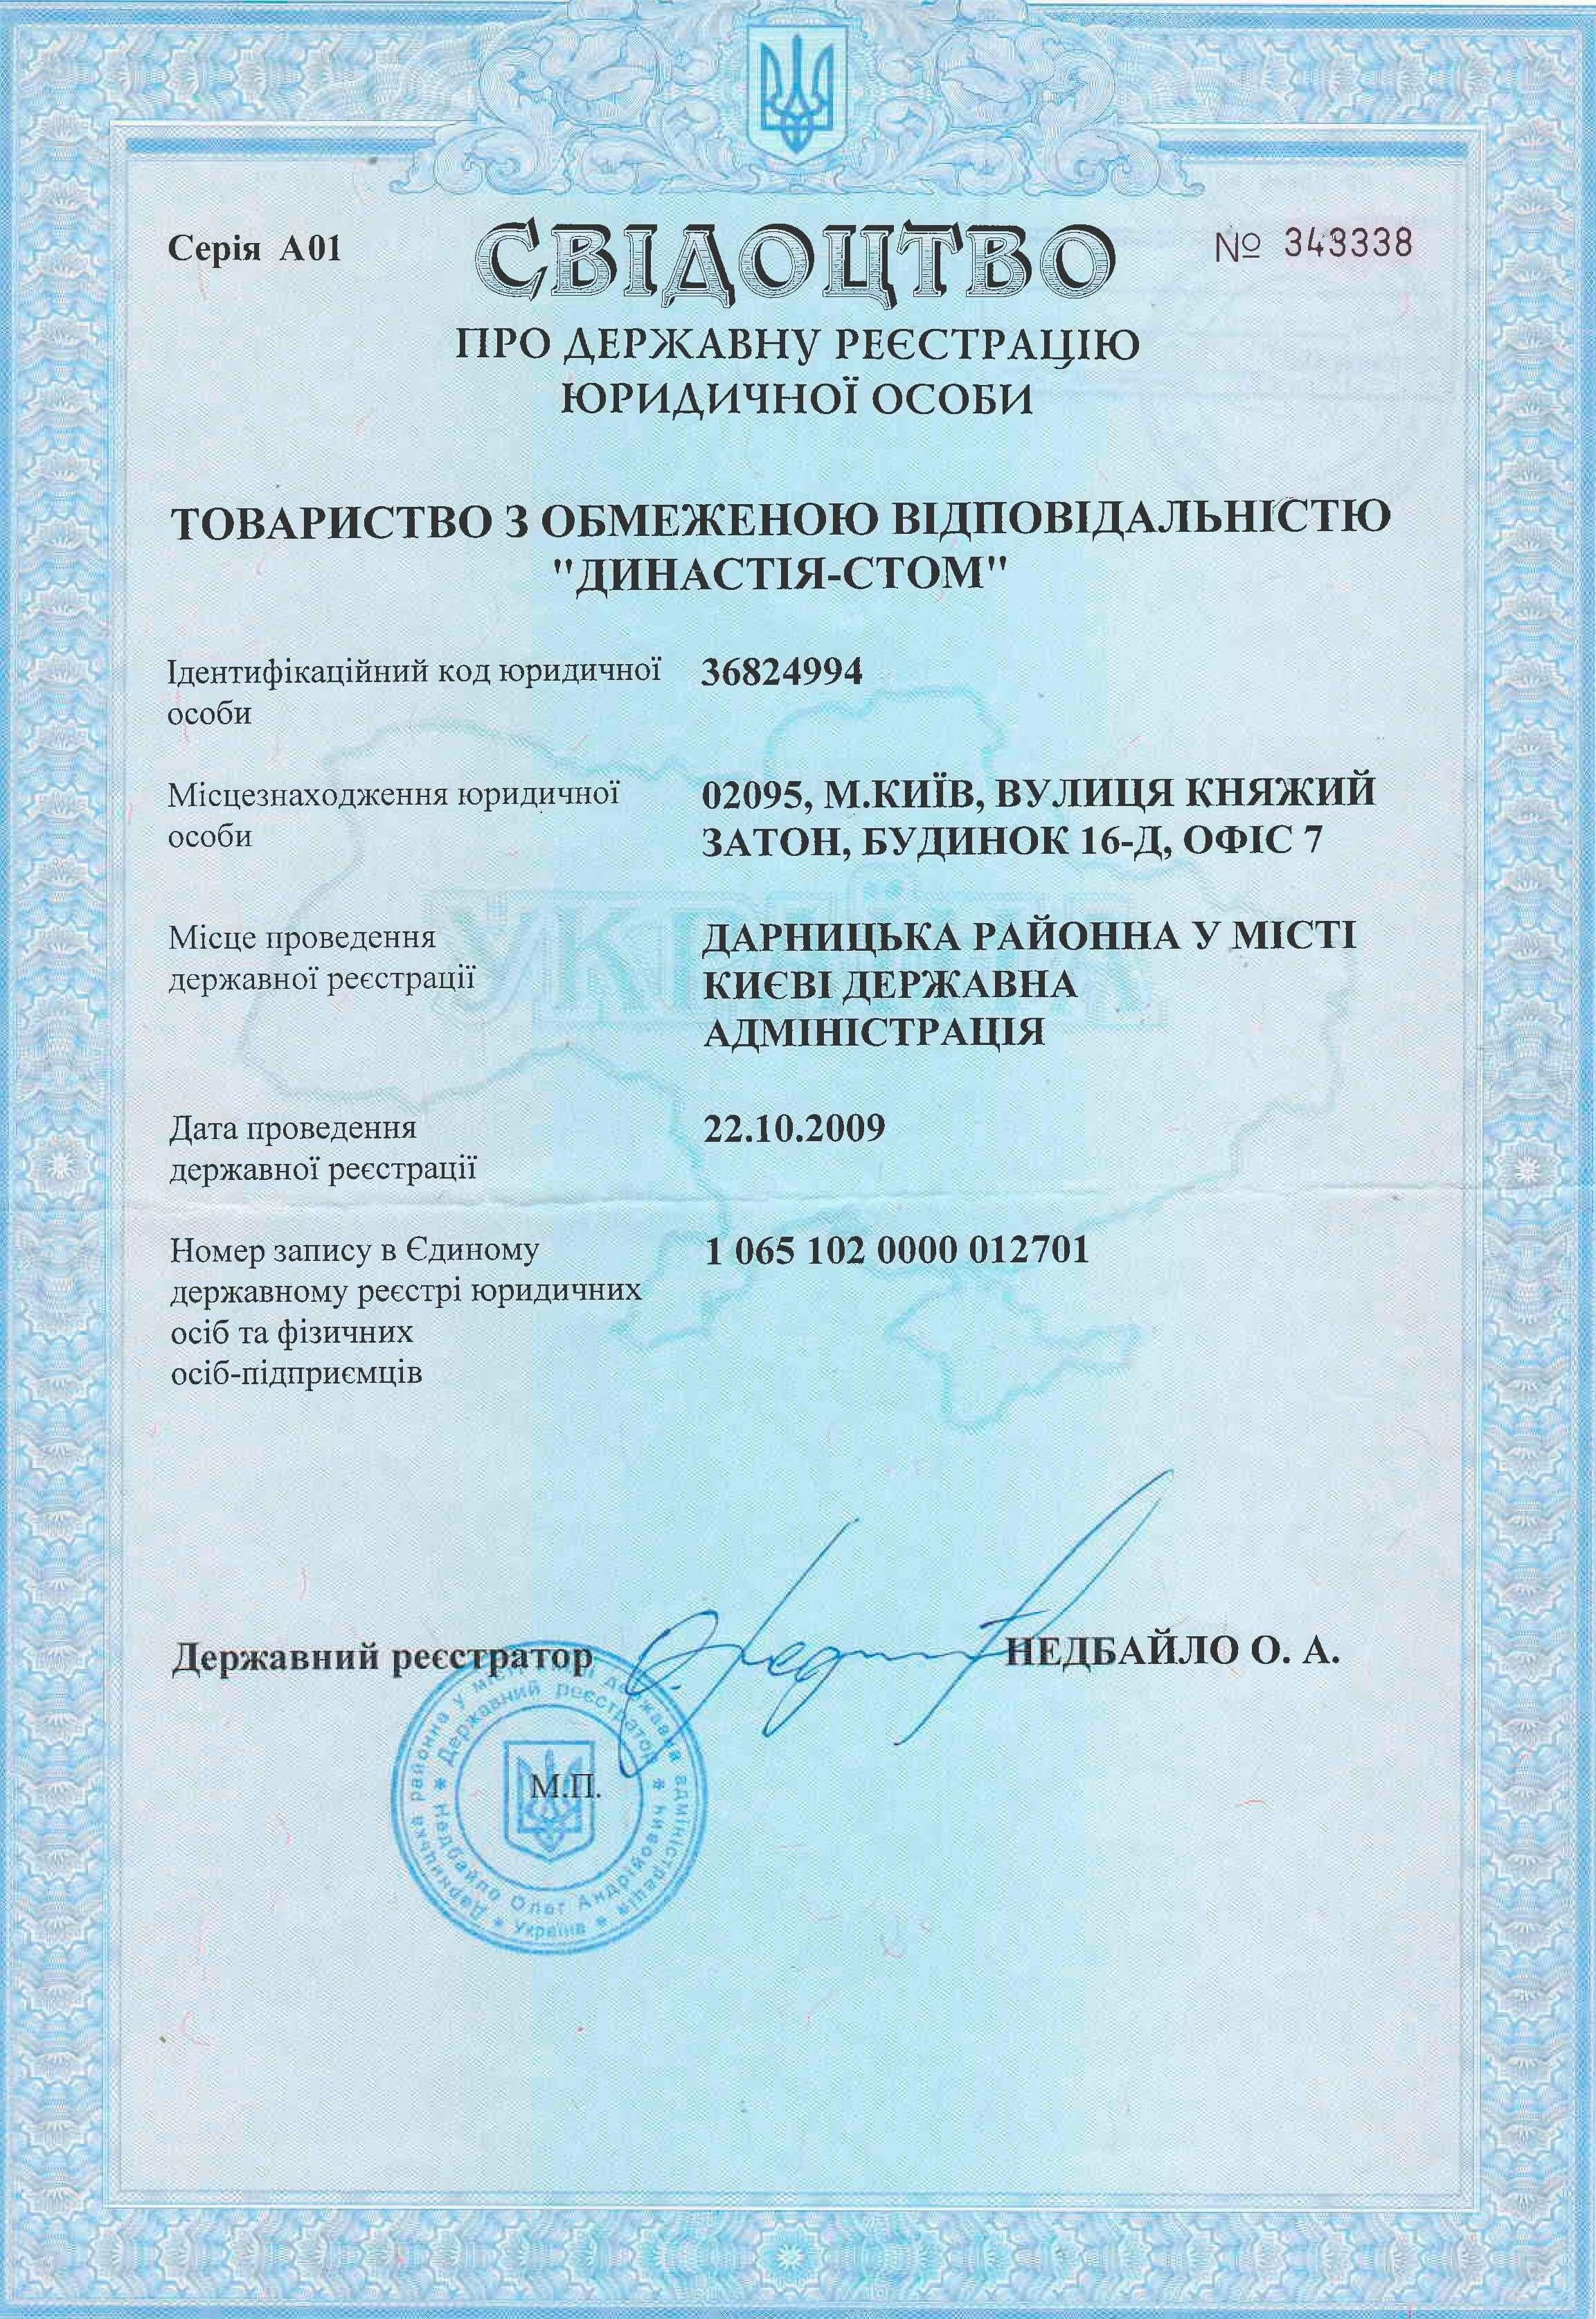 Свідоцтво про державну реєстрацію юридичної особи